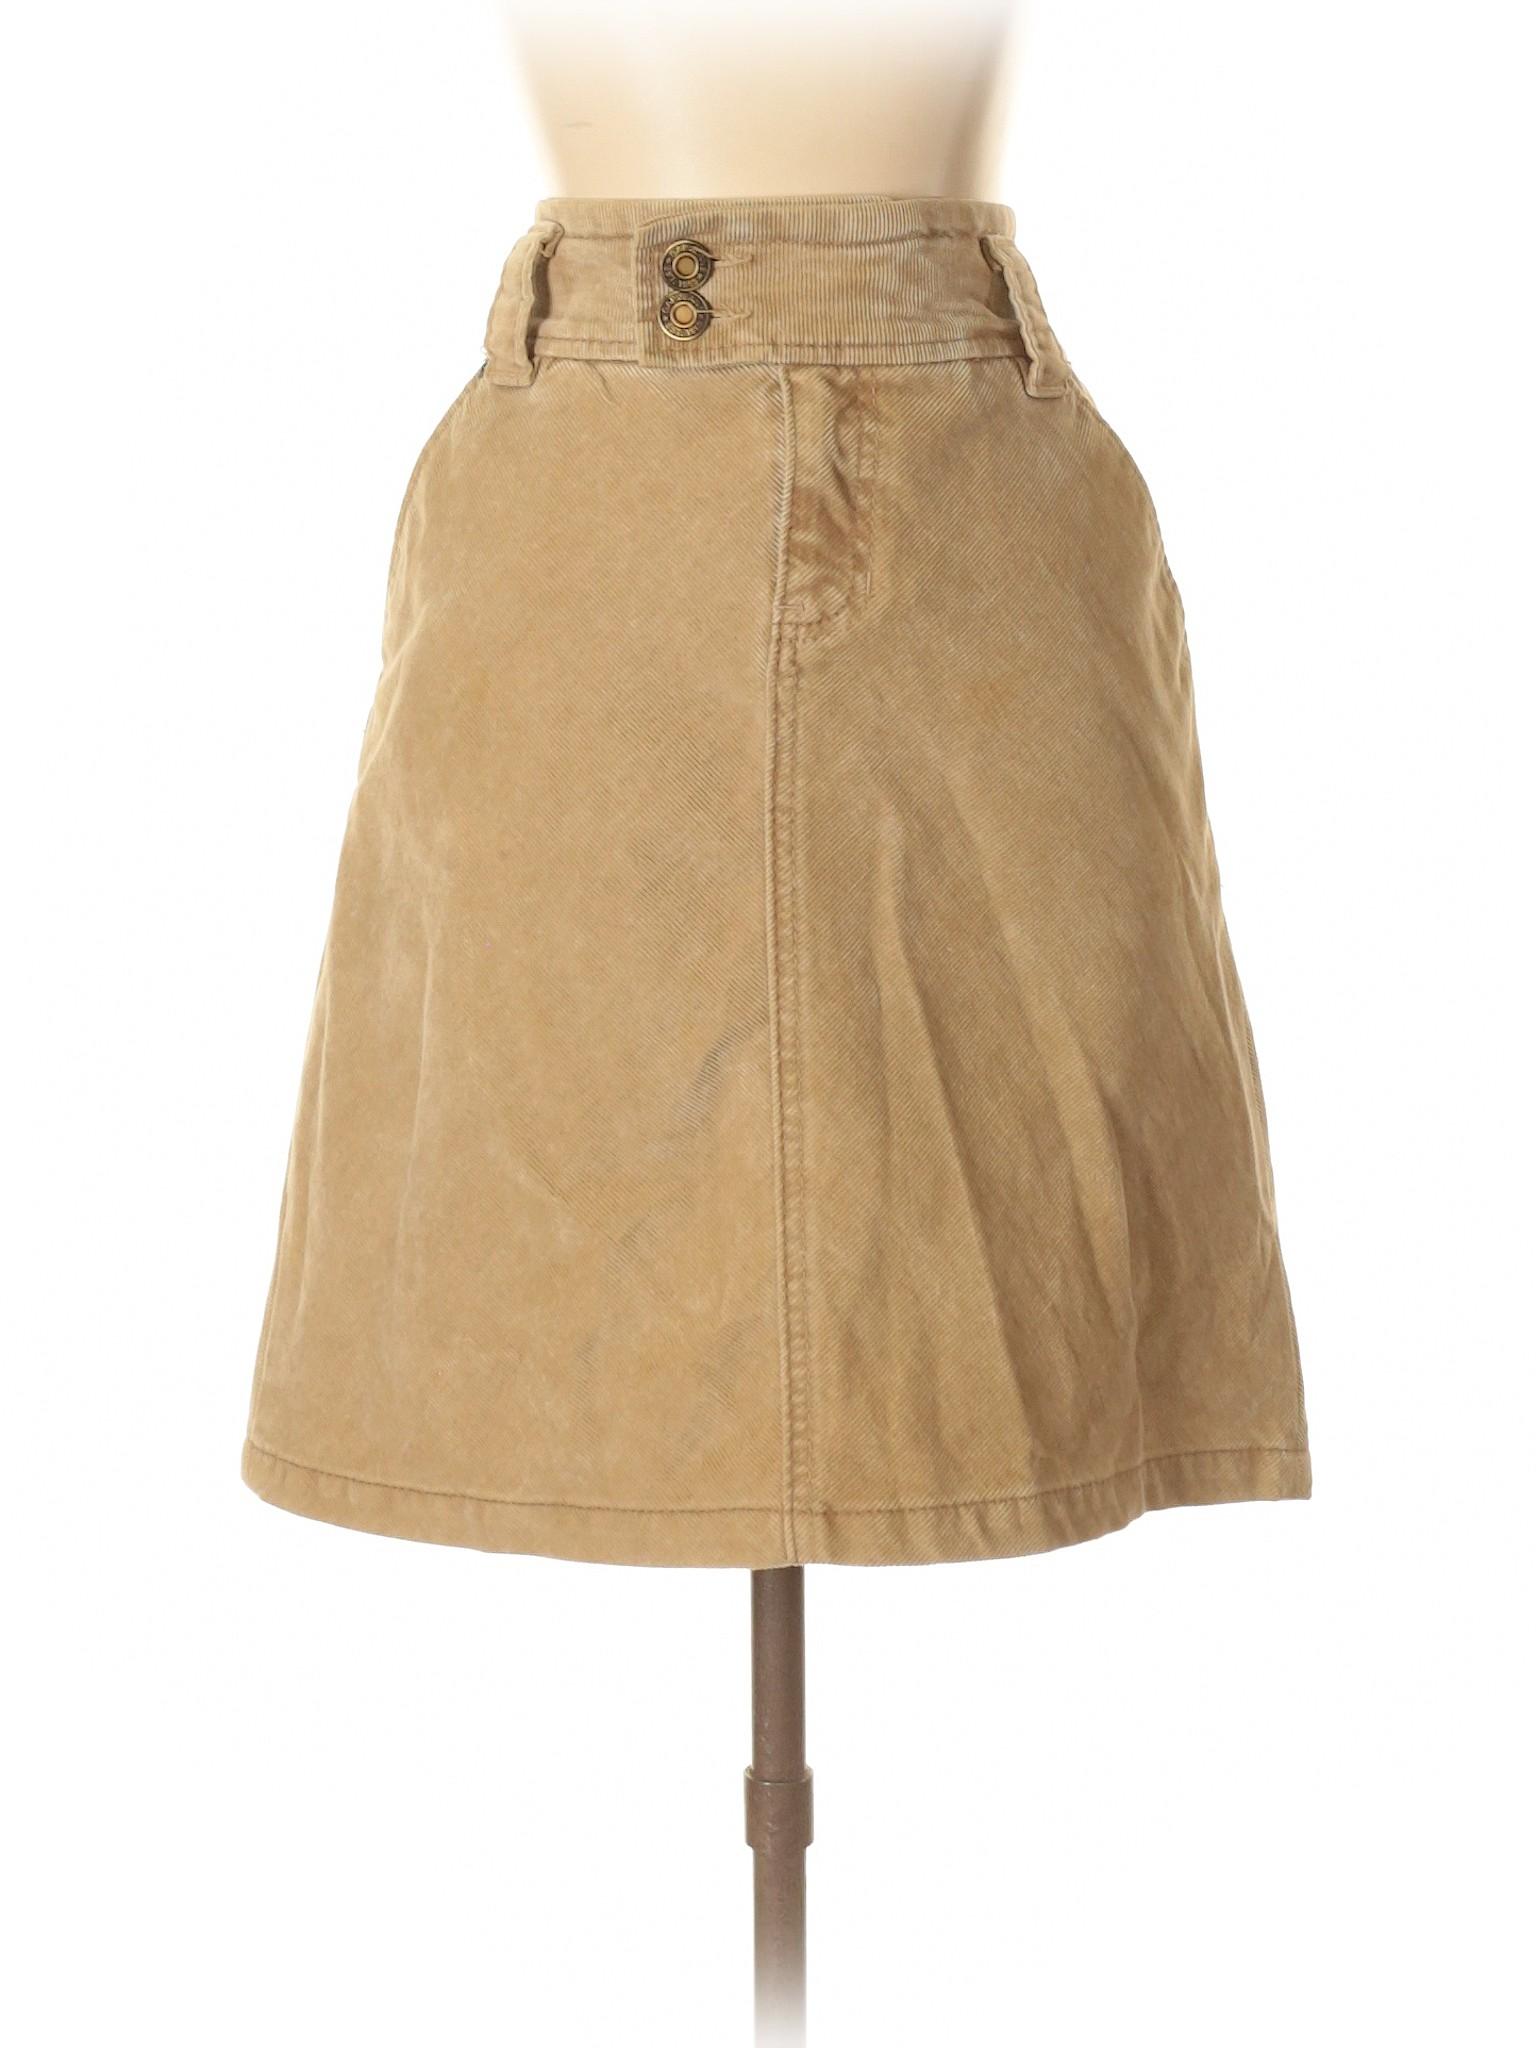 Casual leisure Casual Gap Boutique Boutique Skirt Boutique leisure Gap Skirt Iwn8Y1T